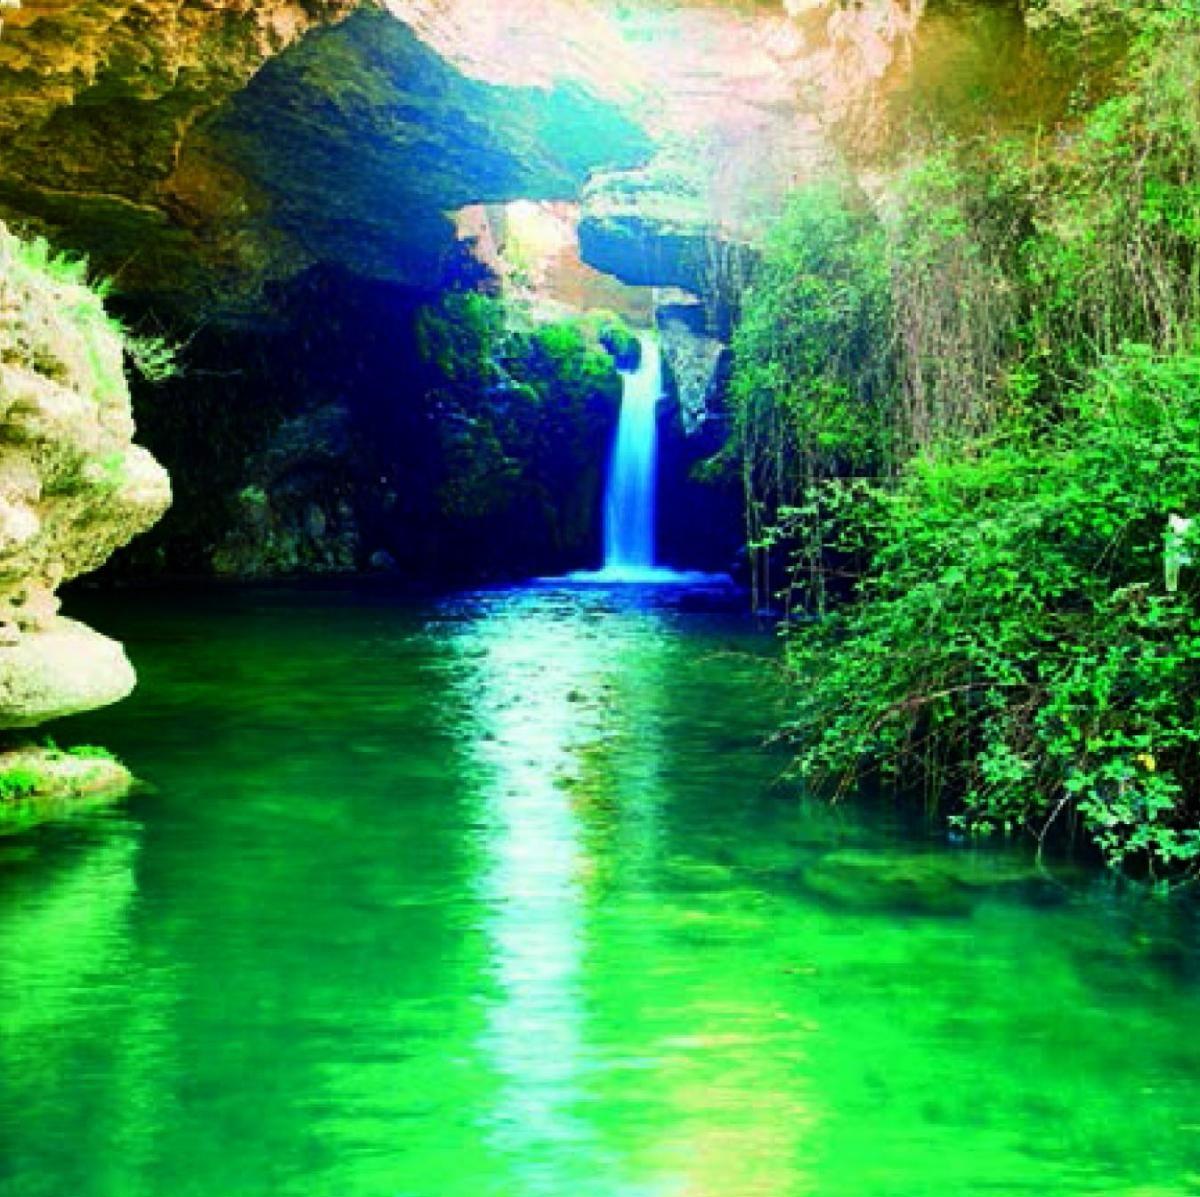 Balneario de Archena - fuente | Lugares para visitar | Pinterest